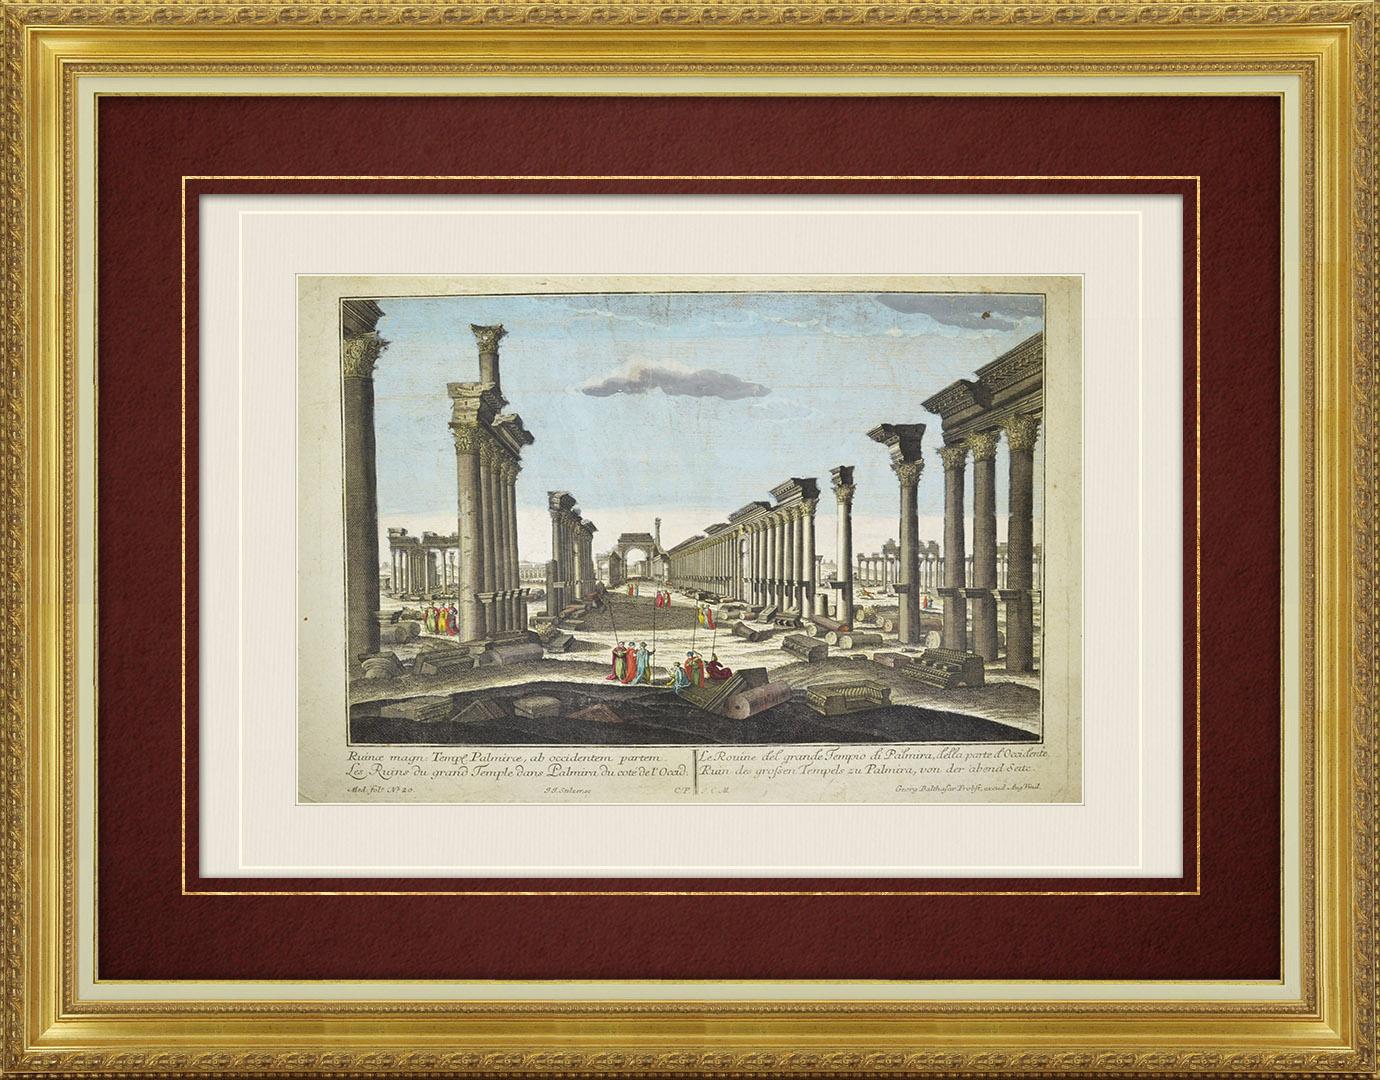 Vue d'optique du 18e siècle en coloris d'époque des Ruines du Grand Temple de Palmyre (Syrie)